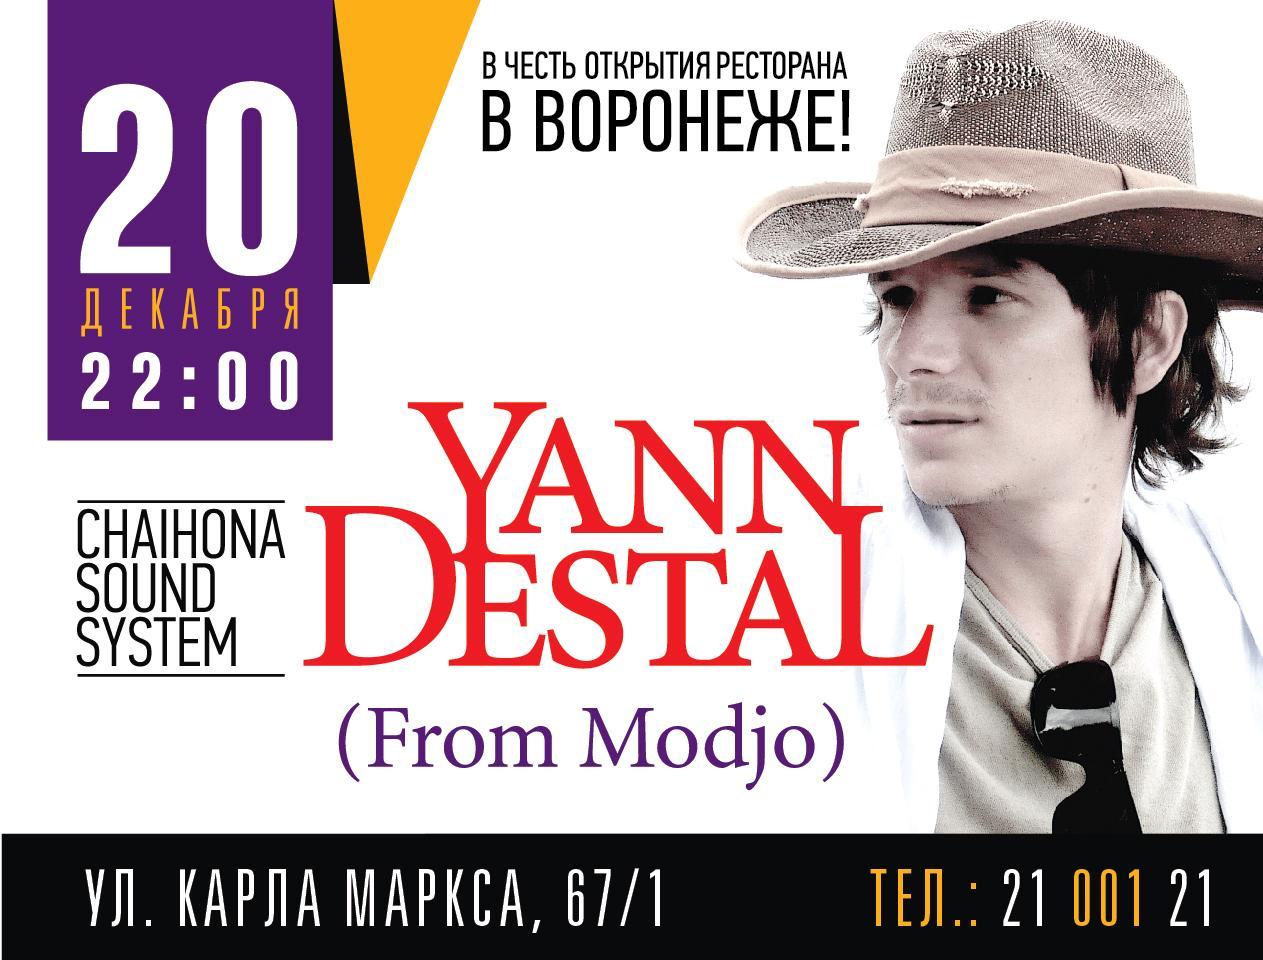 Modjo откроет «ЧАЙХОНУ №1» в Воронеже